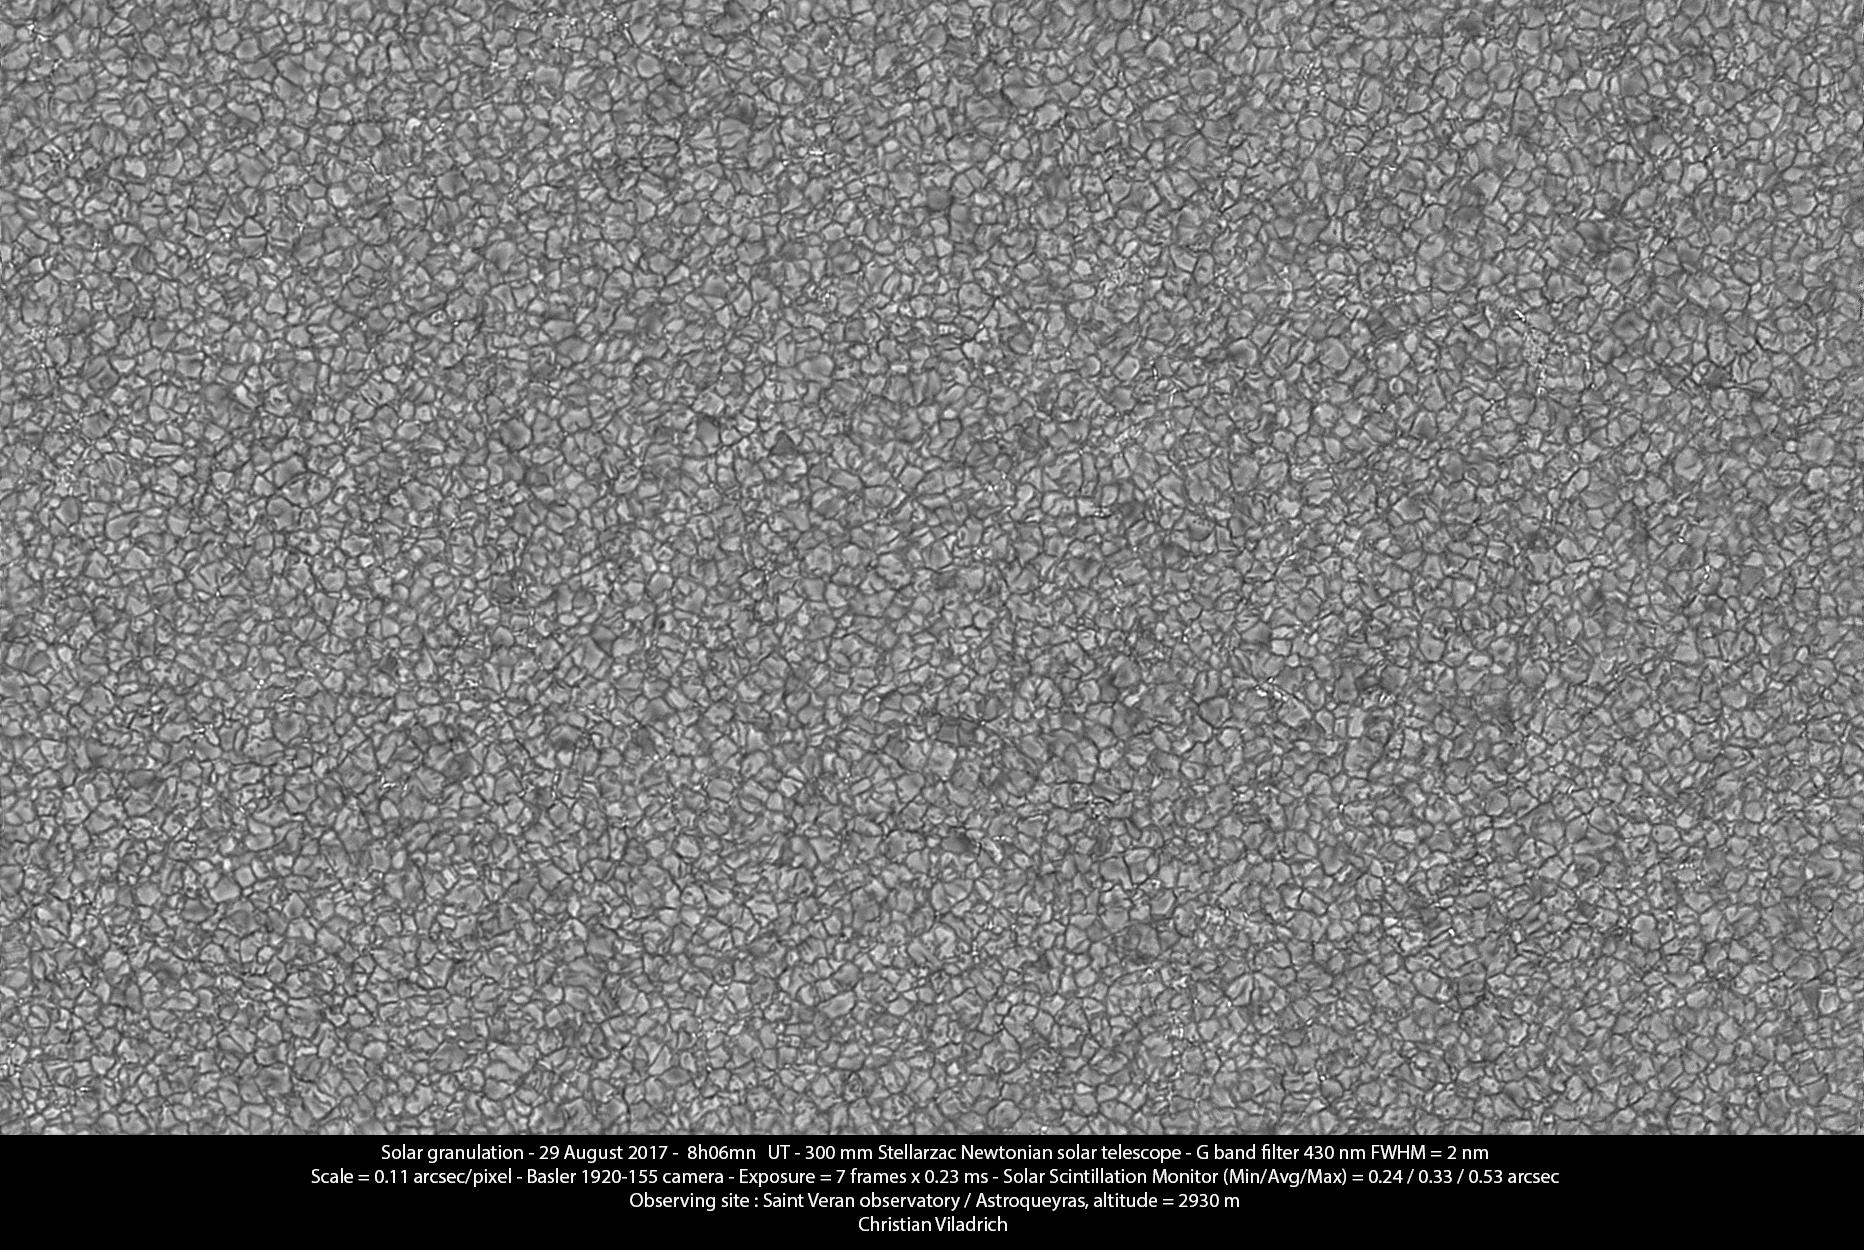 grain_29August2017-8h06mnUT-N300-Gband-2